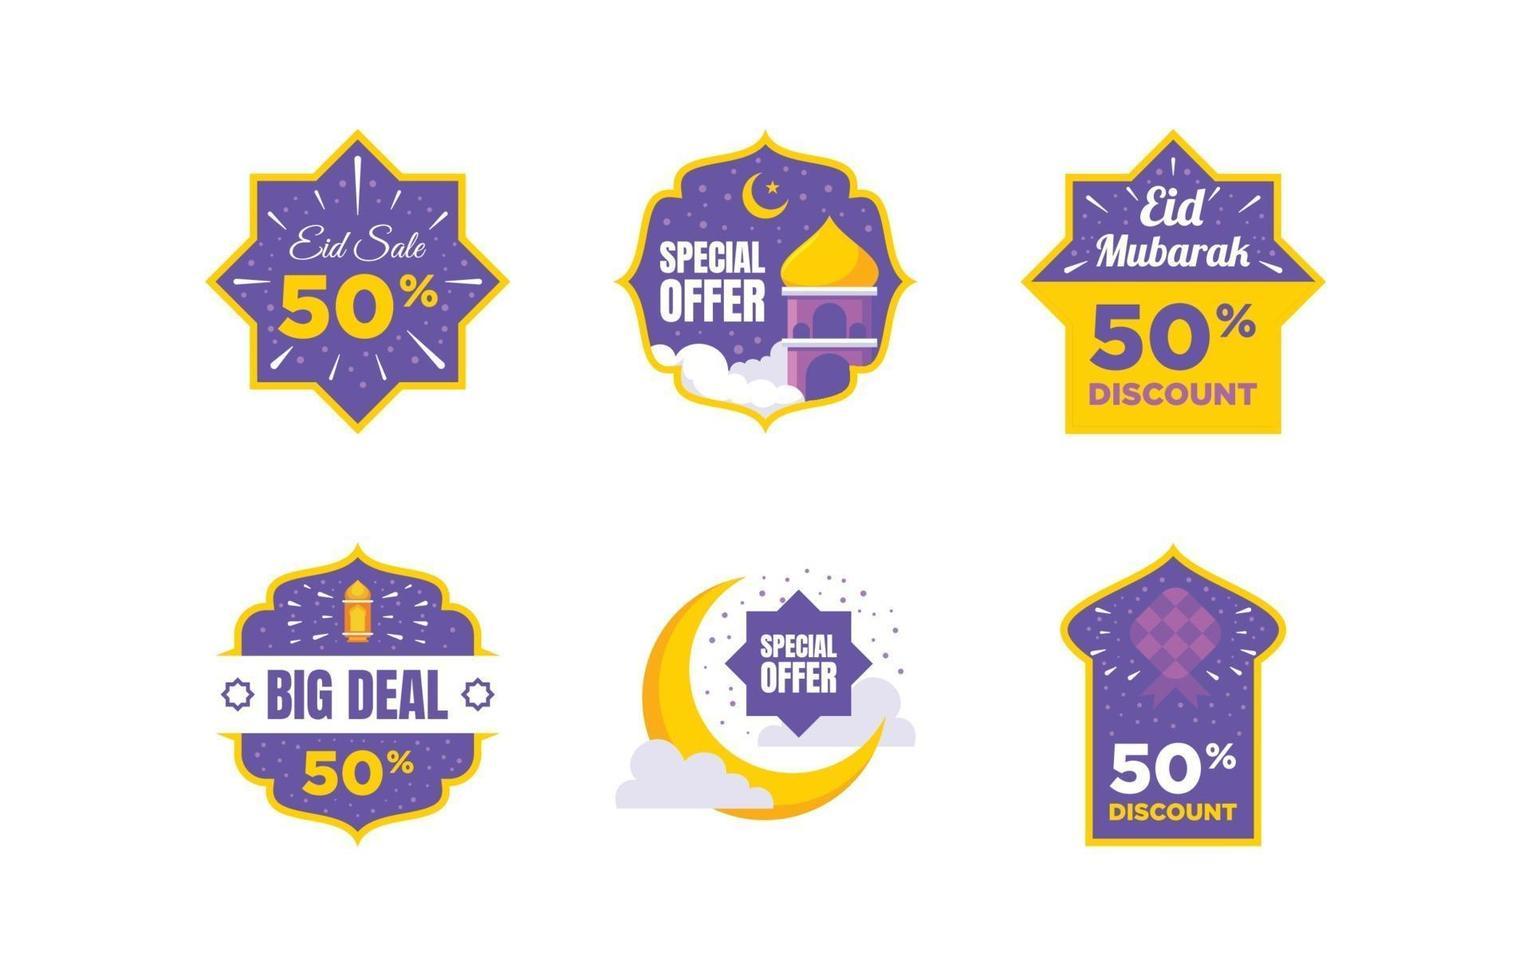 eid Marketing Tools Label vektor